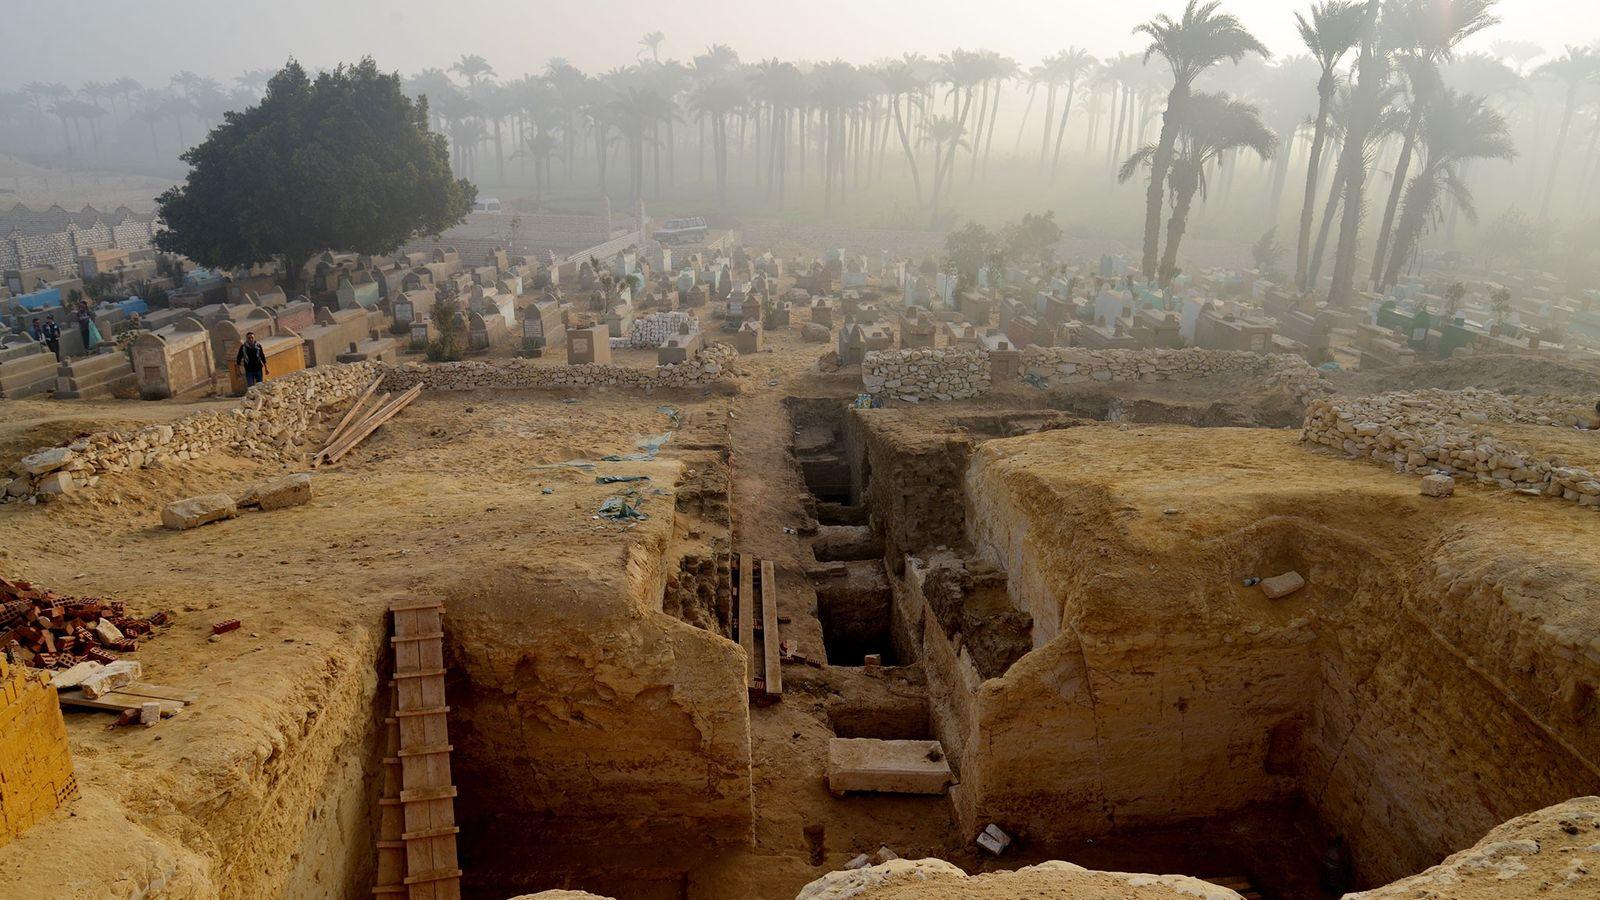 La gran colección de sepulturas antiguas de Lisht en Egipto podría ofrecer conocimientos sobre la vida ...